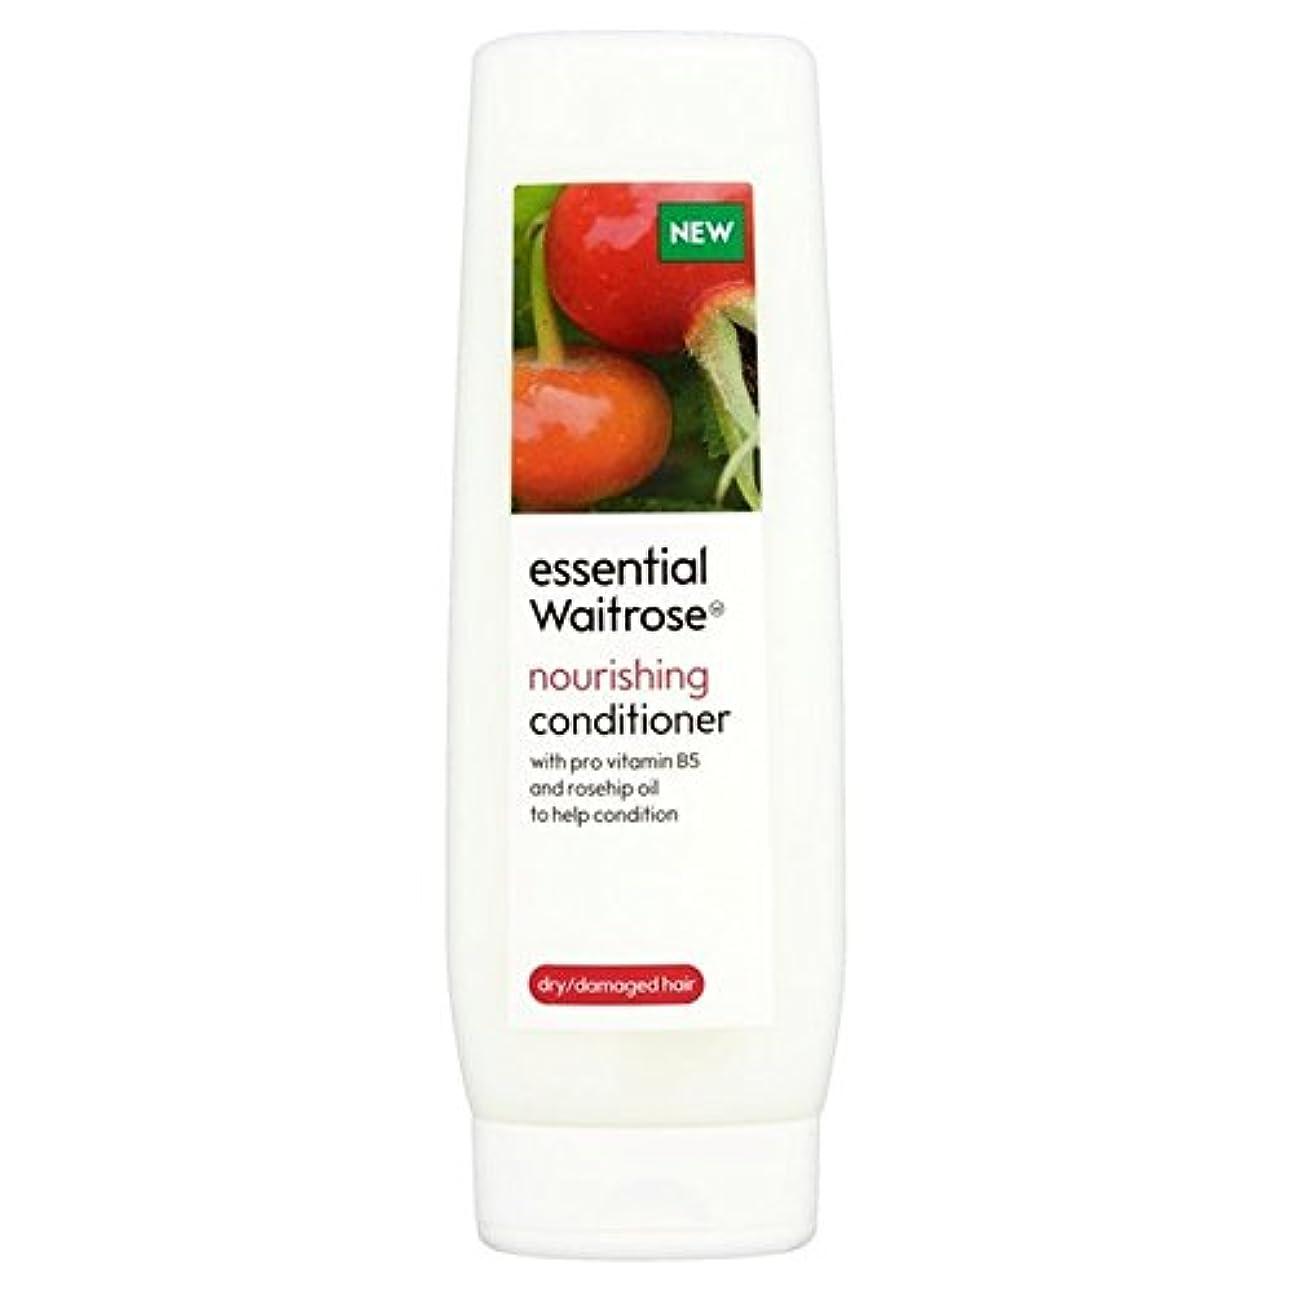 ジュニアパキスタンホストConditioner for Dry & Damaged Hair essential Waitrose 300ml (Pack of 6) - ドライ&ダメージヘア不可欠ウェイトローズの300ミリリットルのためのコンディショナー...